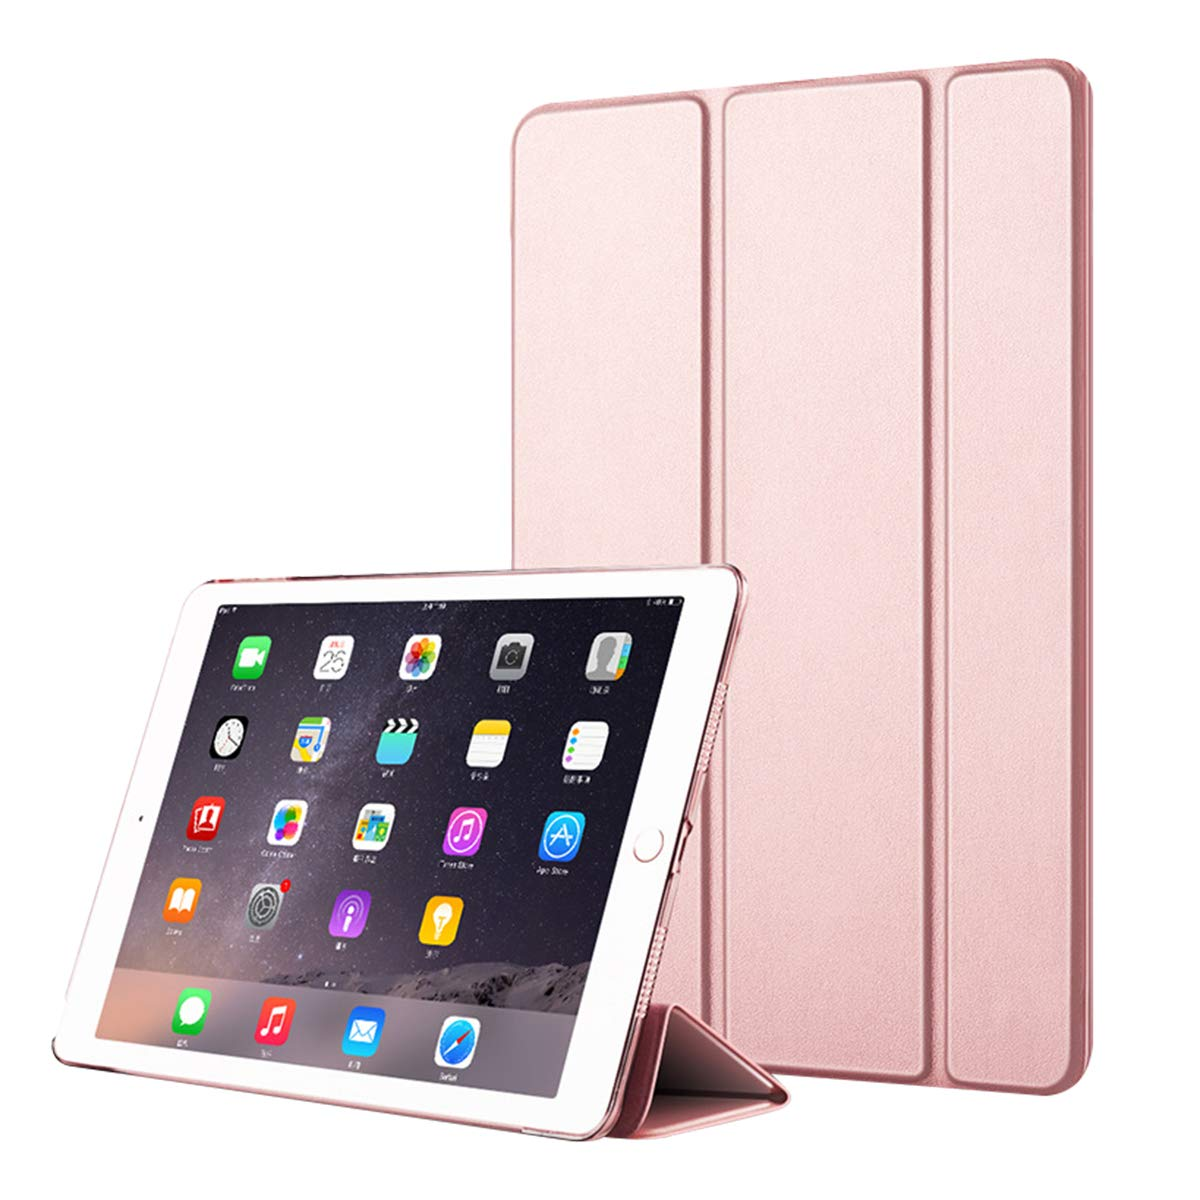 新しいエルメス iPad プレミアム B07L98JDVB PUレザー PUレザー フリップケース プレミアム ケースリストレザーケース カード付き 0049-10-252 ローズゴールド B07L98JDVB, ニチクラショップ:a392d6d2 --- a0267596.xsph.ru